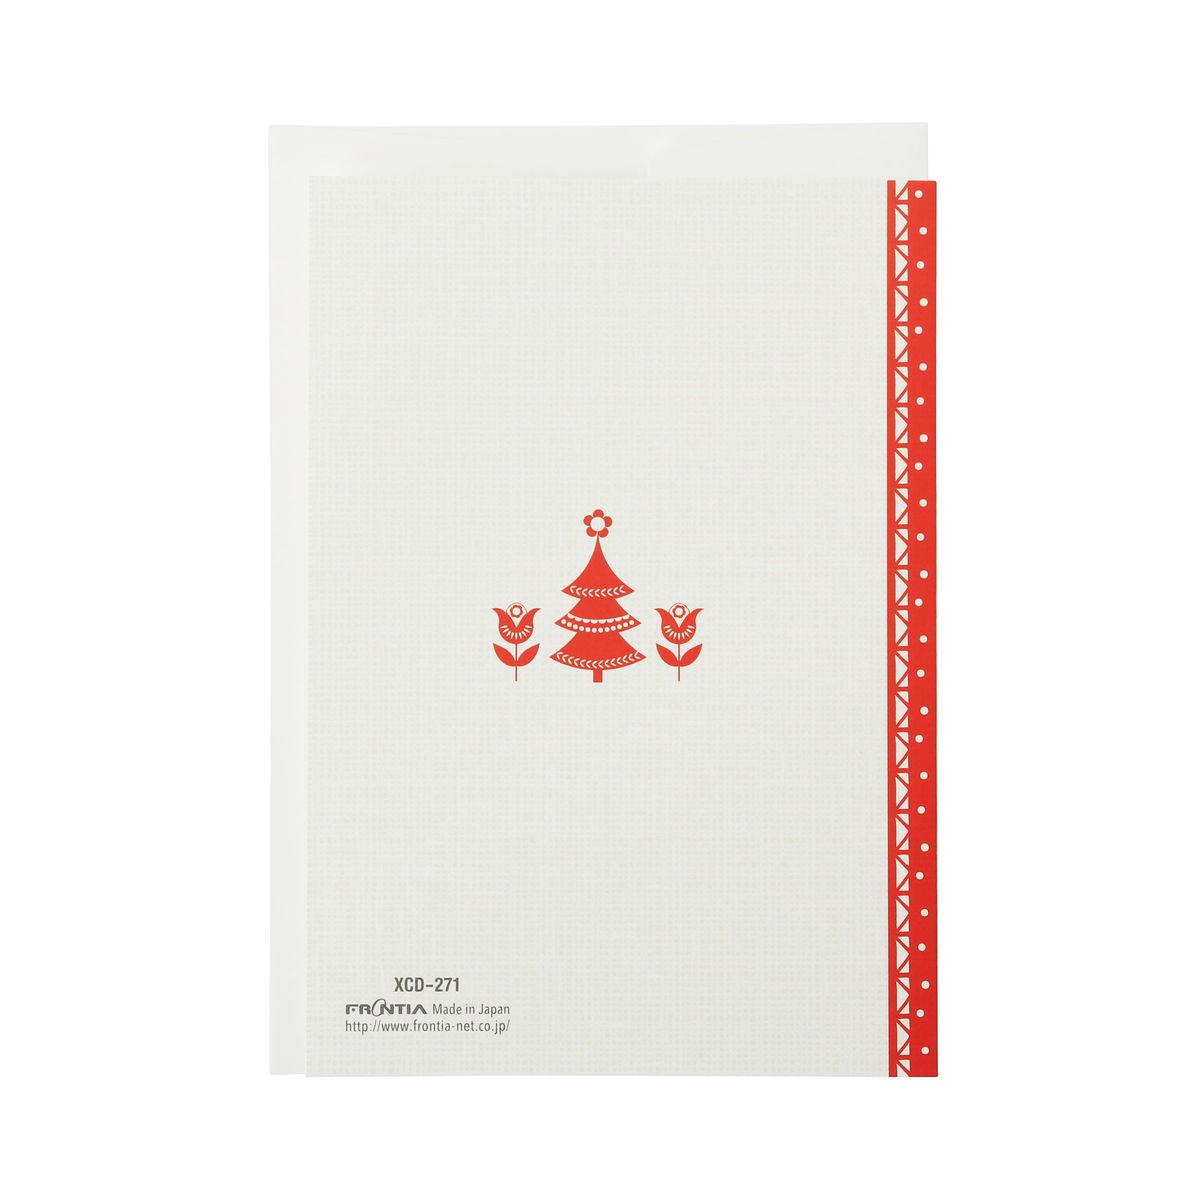 クリスマスカード クラシック 北欧クリスマスカード赤帯|xcd-271